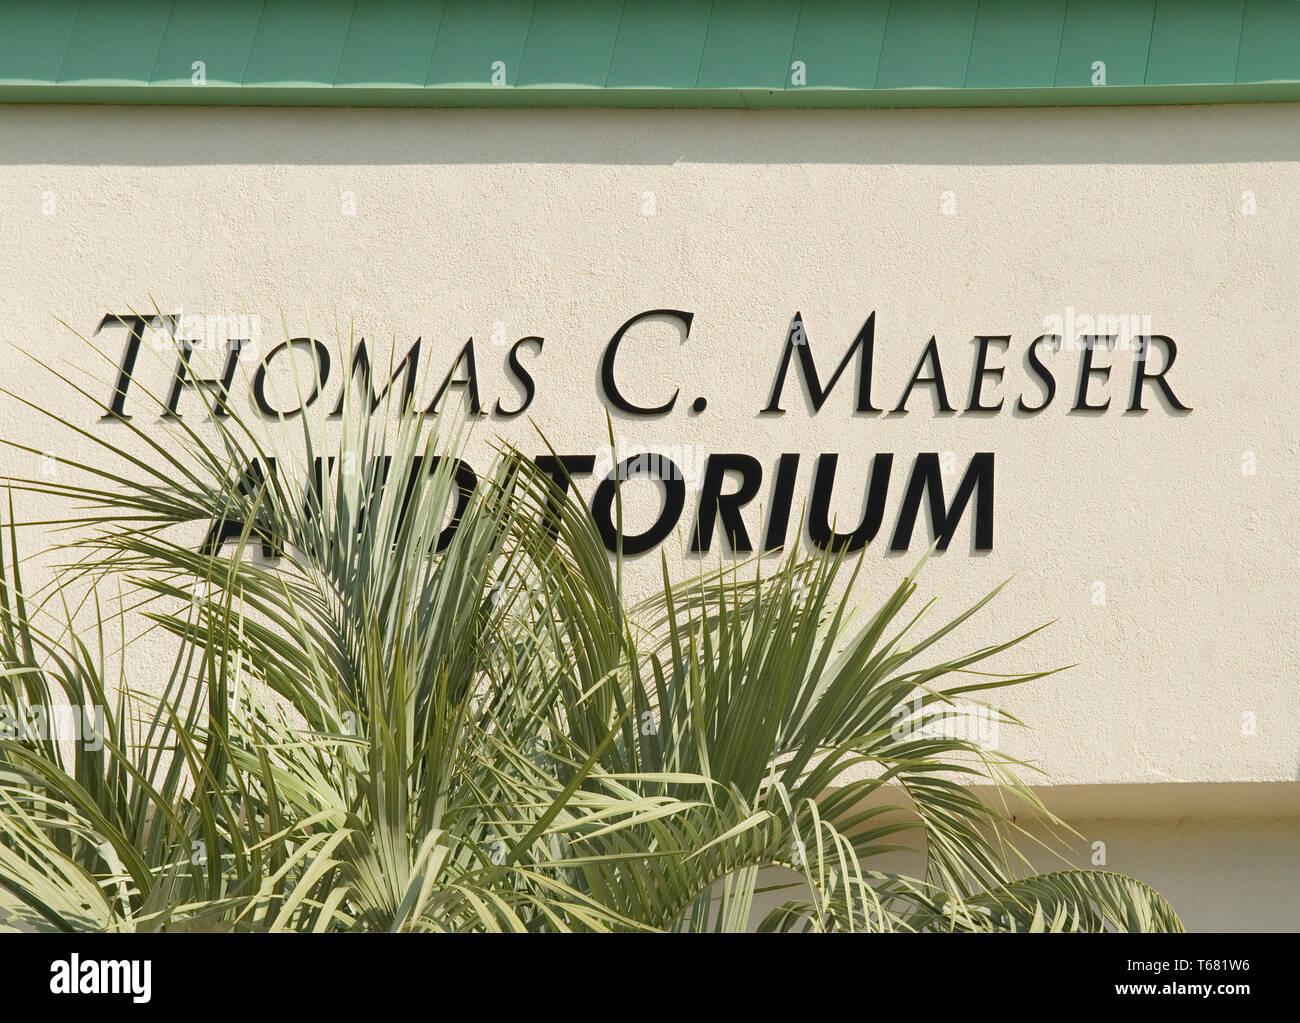 Thomas C Maeser Auditorium Zeichen am Markt Üblichen, Myrtle Beach, South Carolina, USA Stockbild